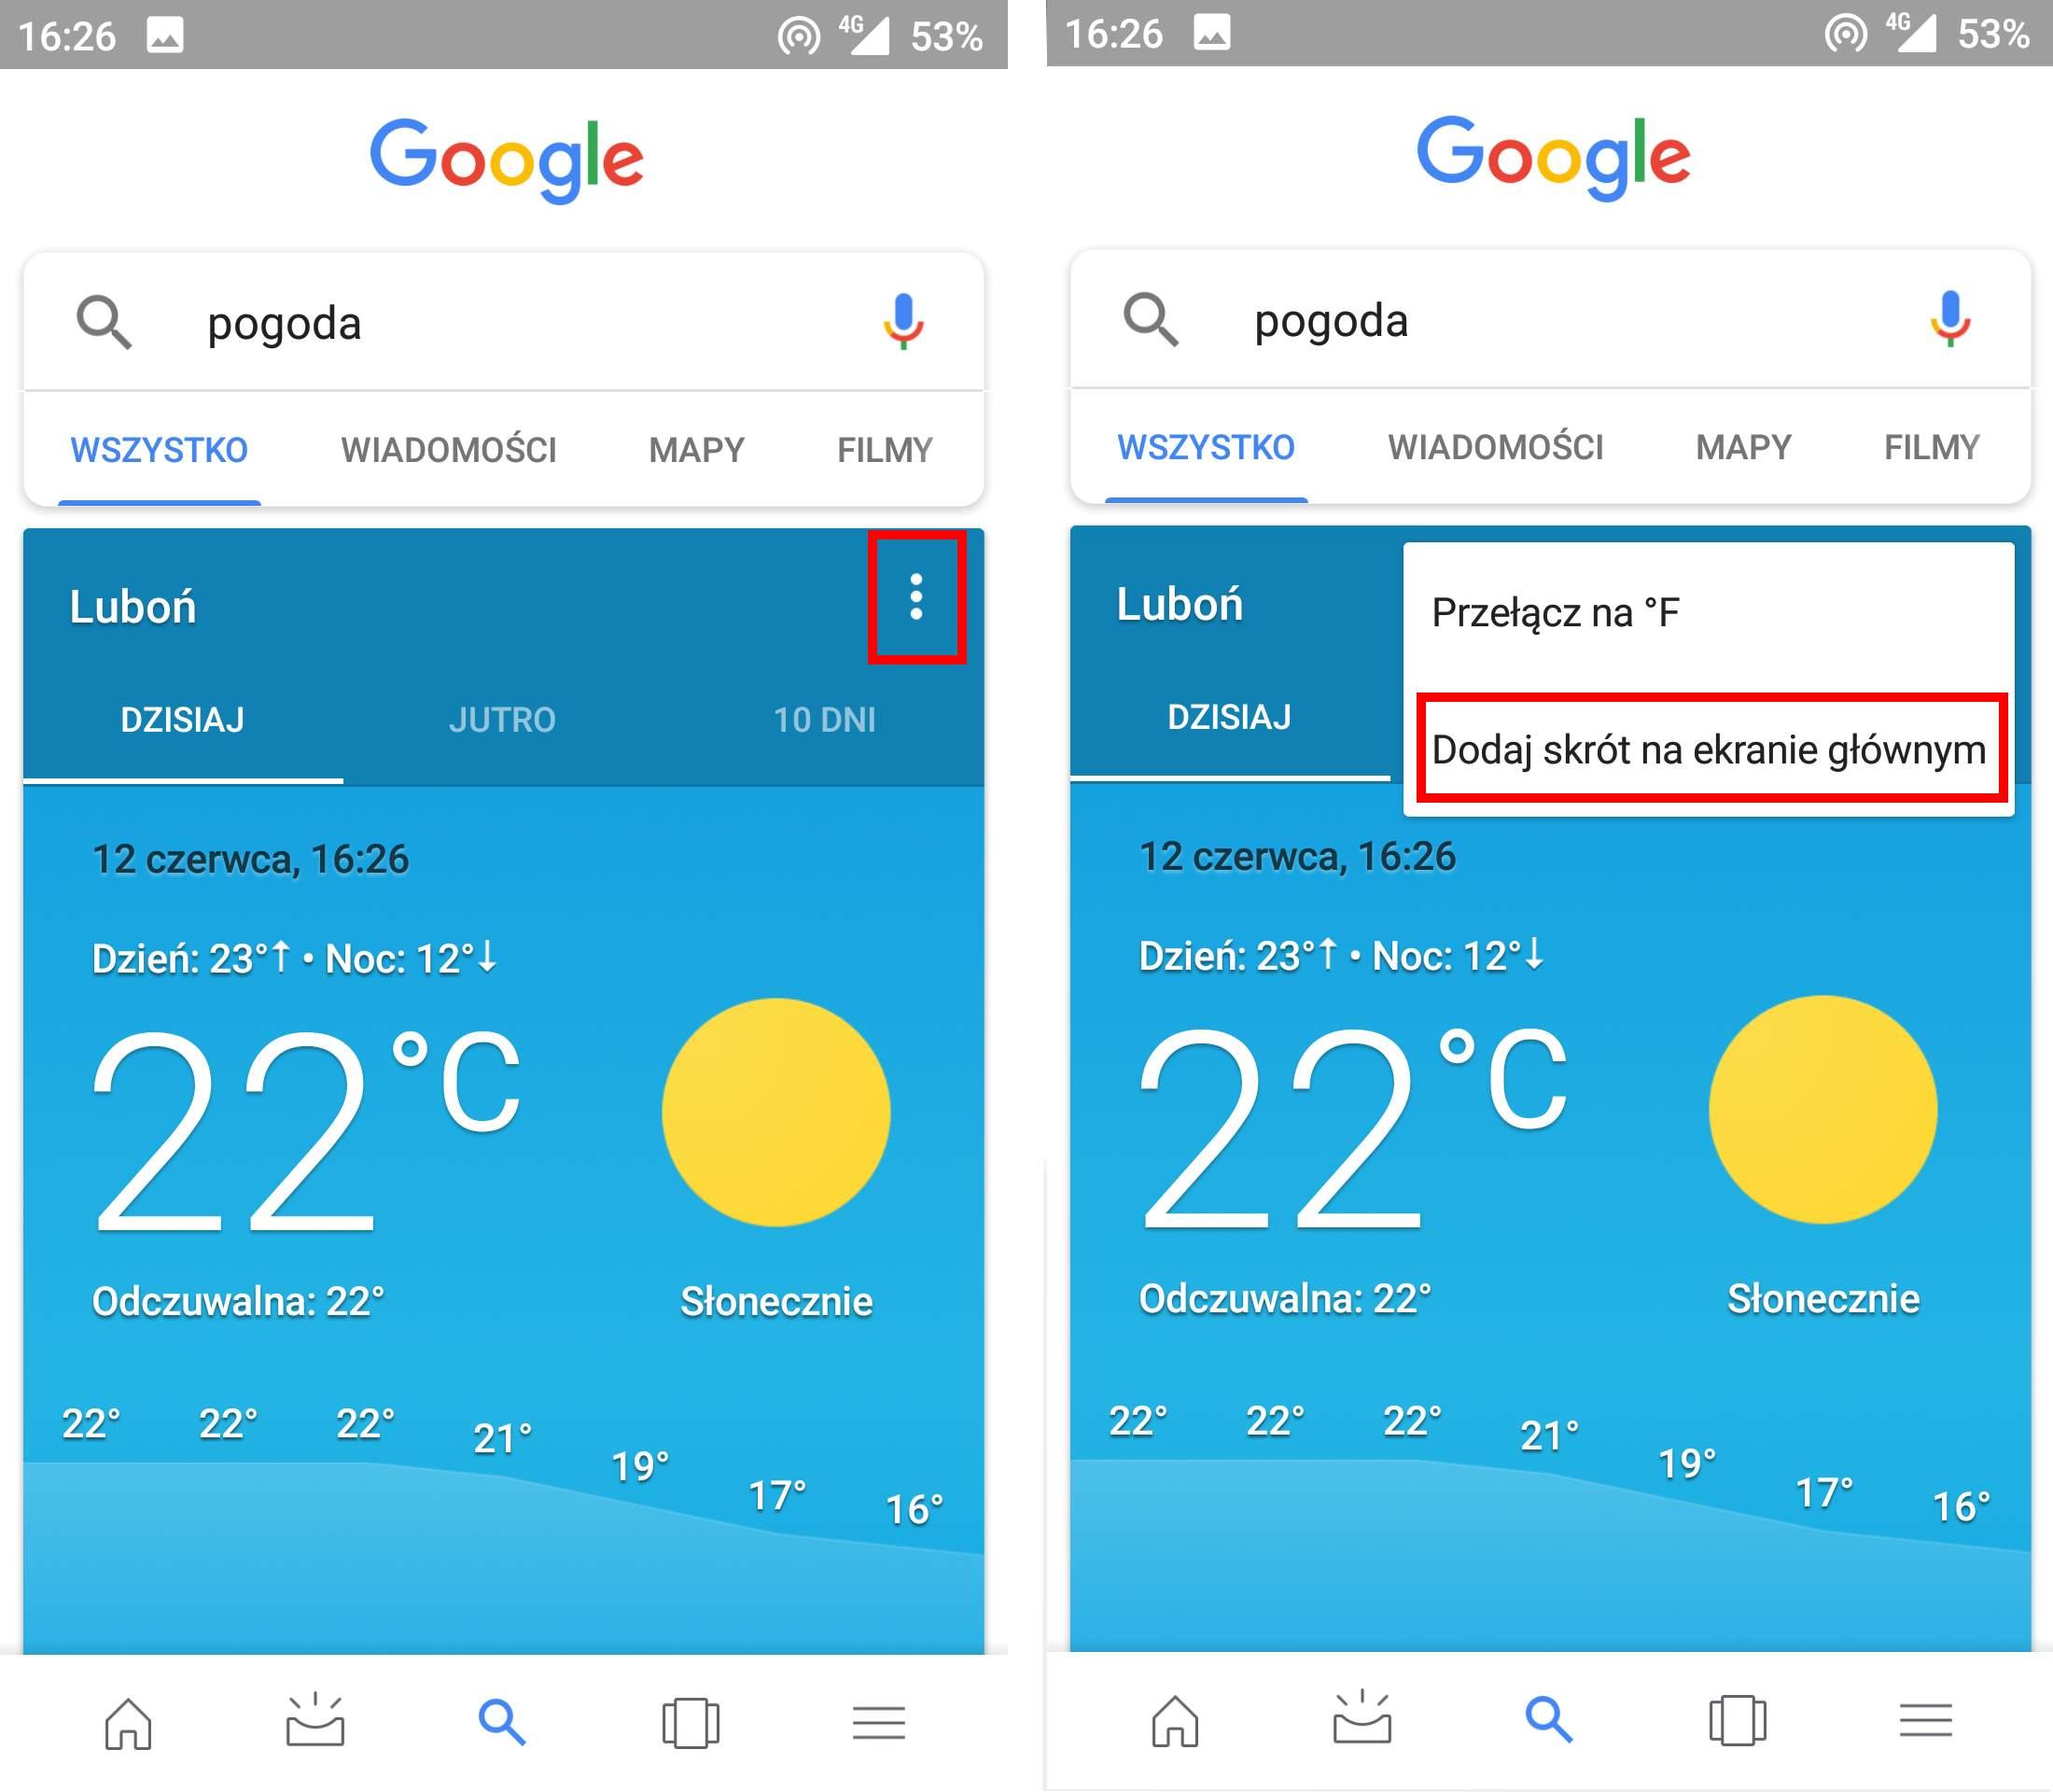 Dodaj skrót do pogody Google